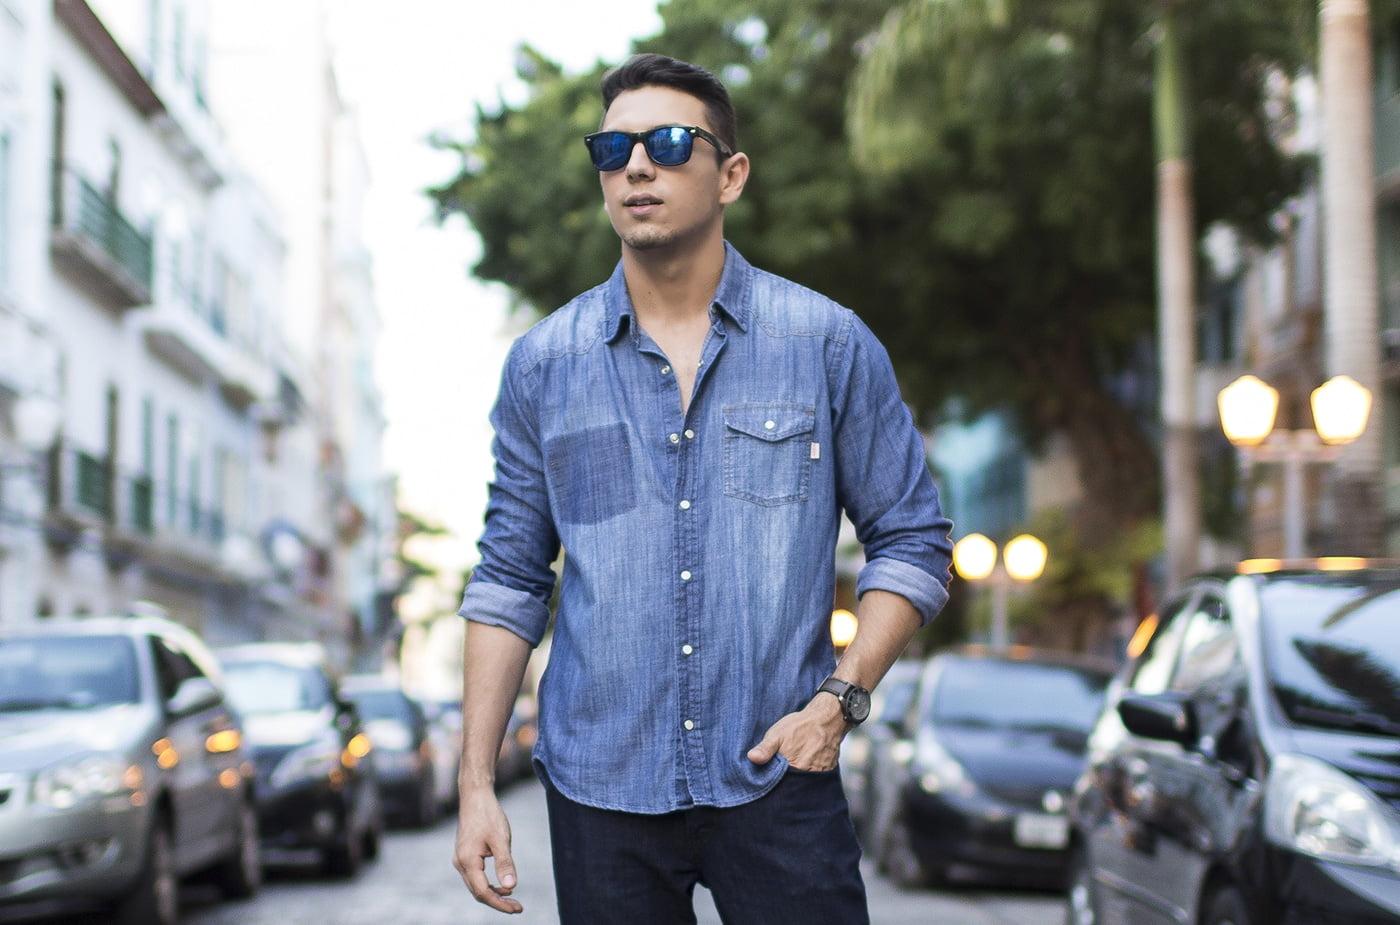 Juan Alves Total Jeans Homens que se cuidam 4